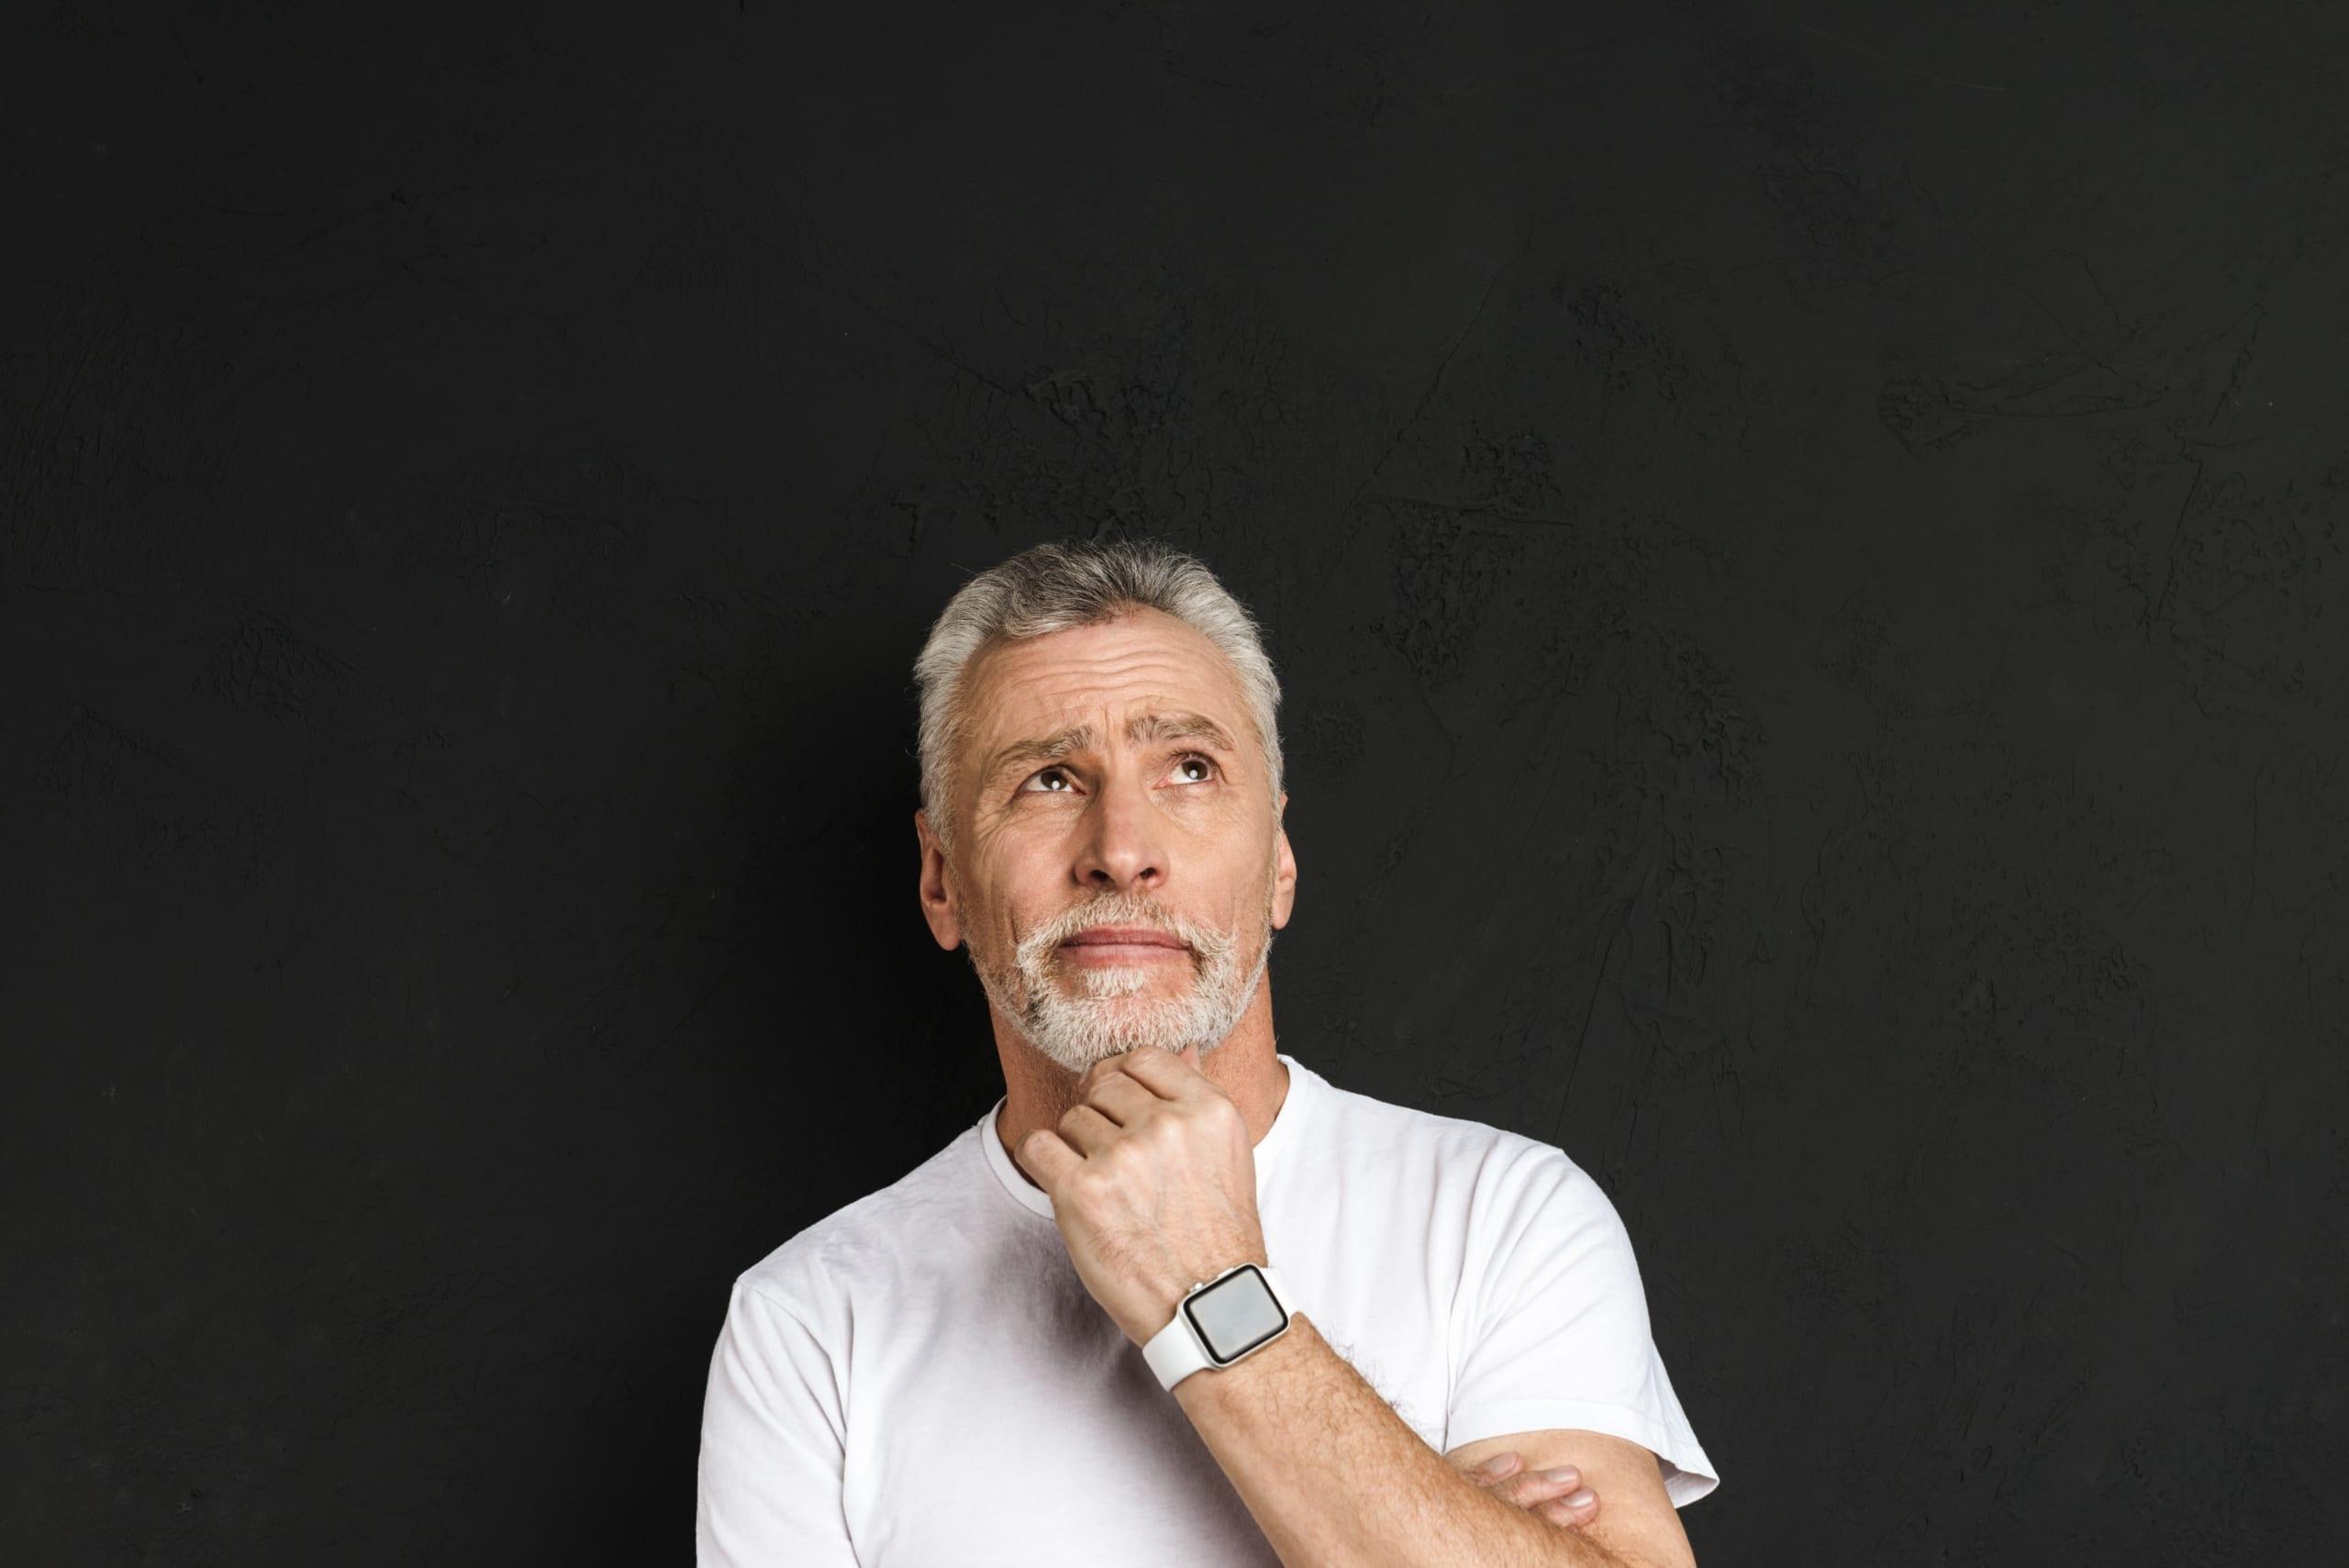 Como faço para entrar com pedido de aposentadoria?